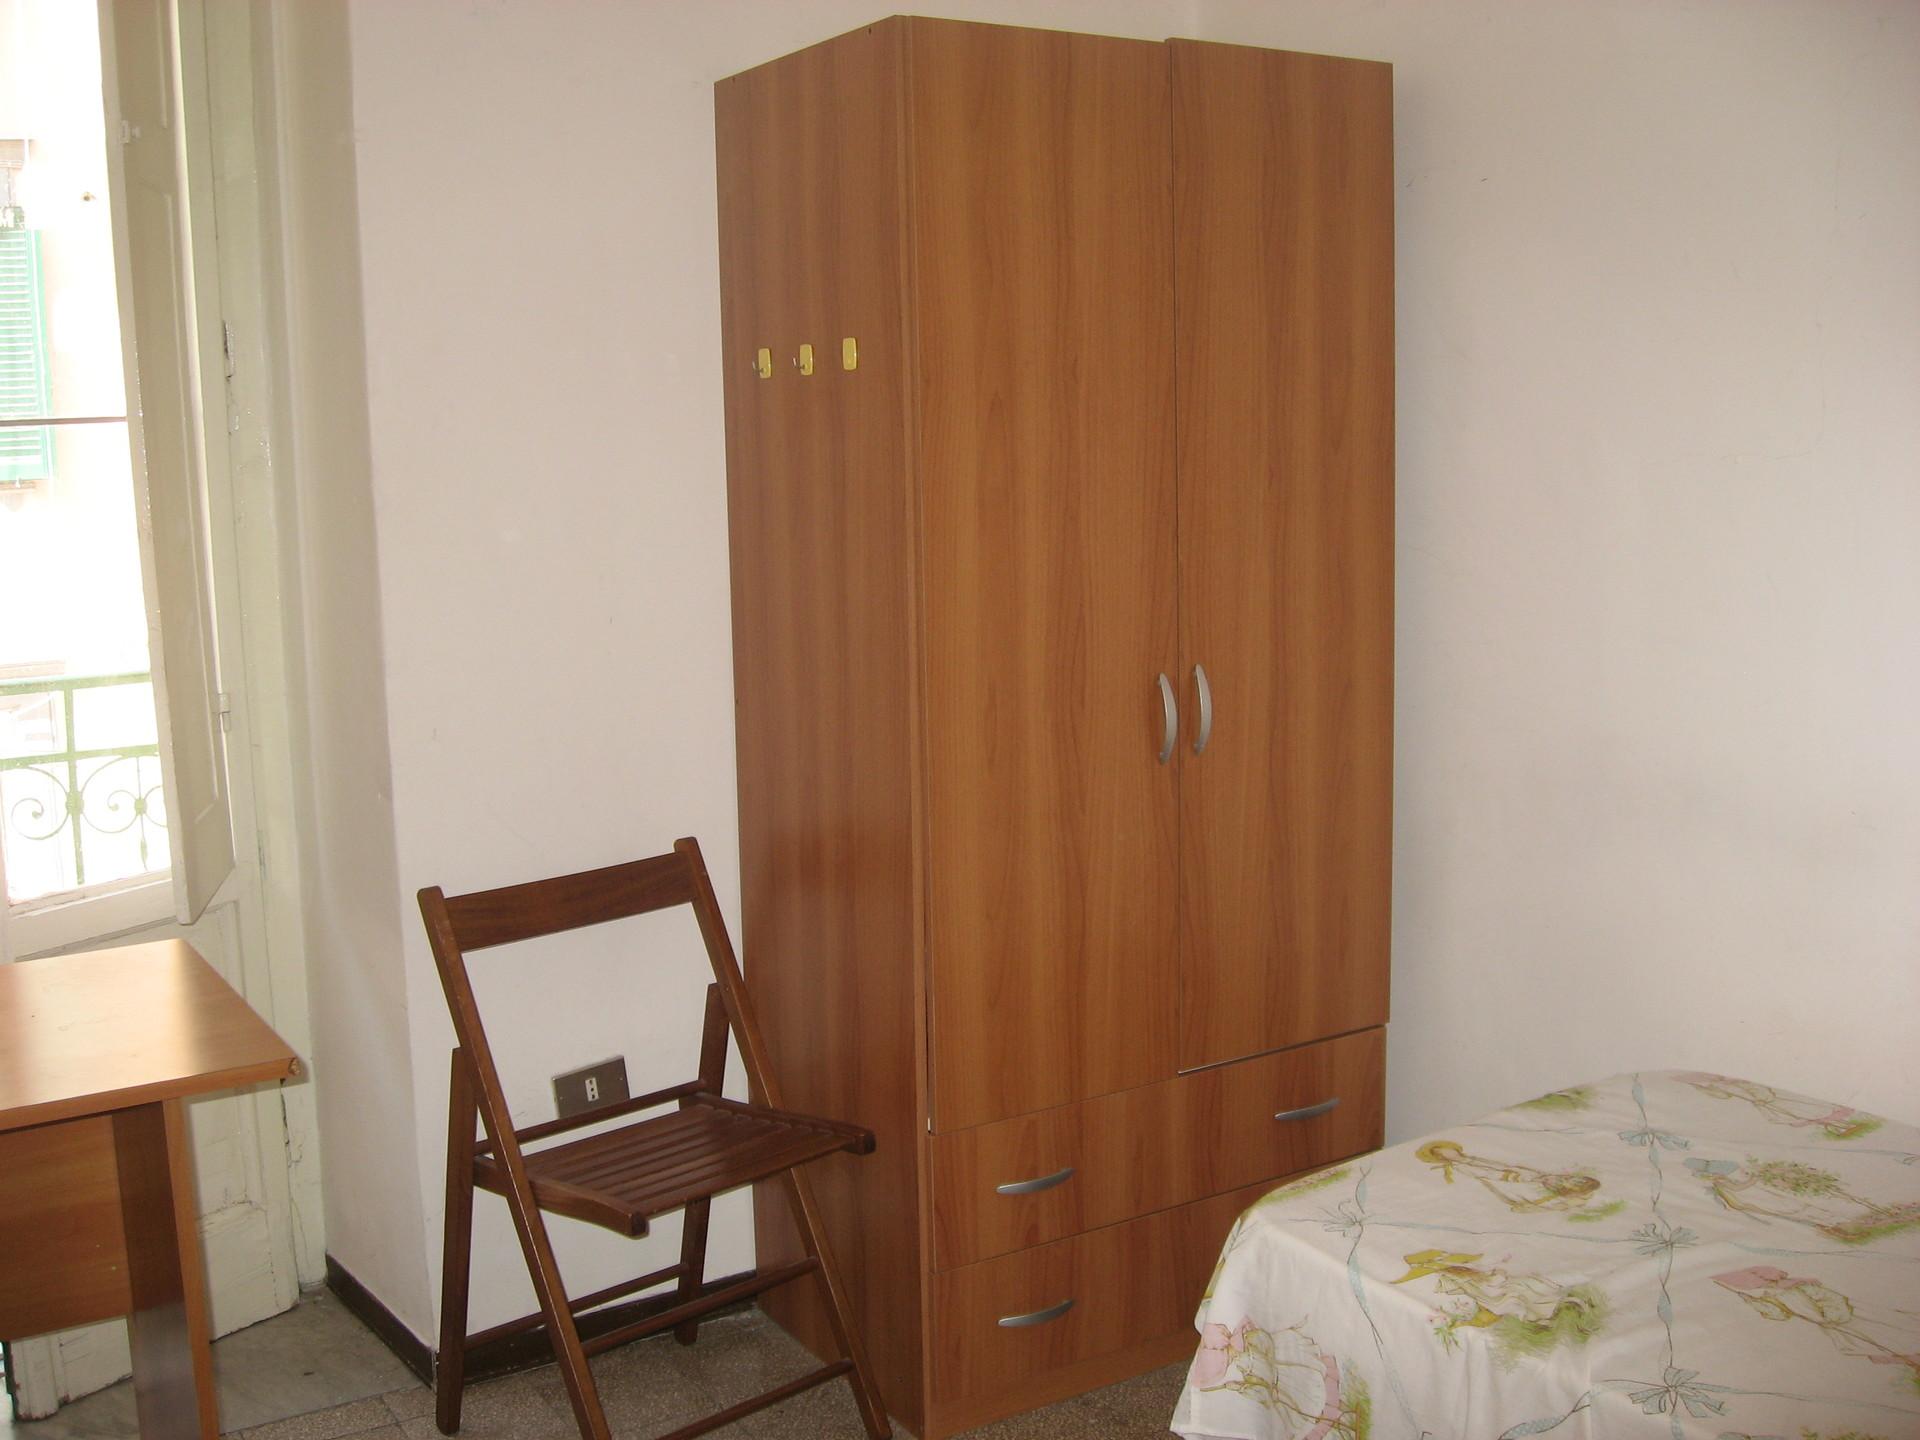 camera per studentesse zona Vomero/piazza Vanvitelli - Napoli